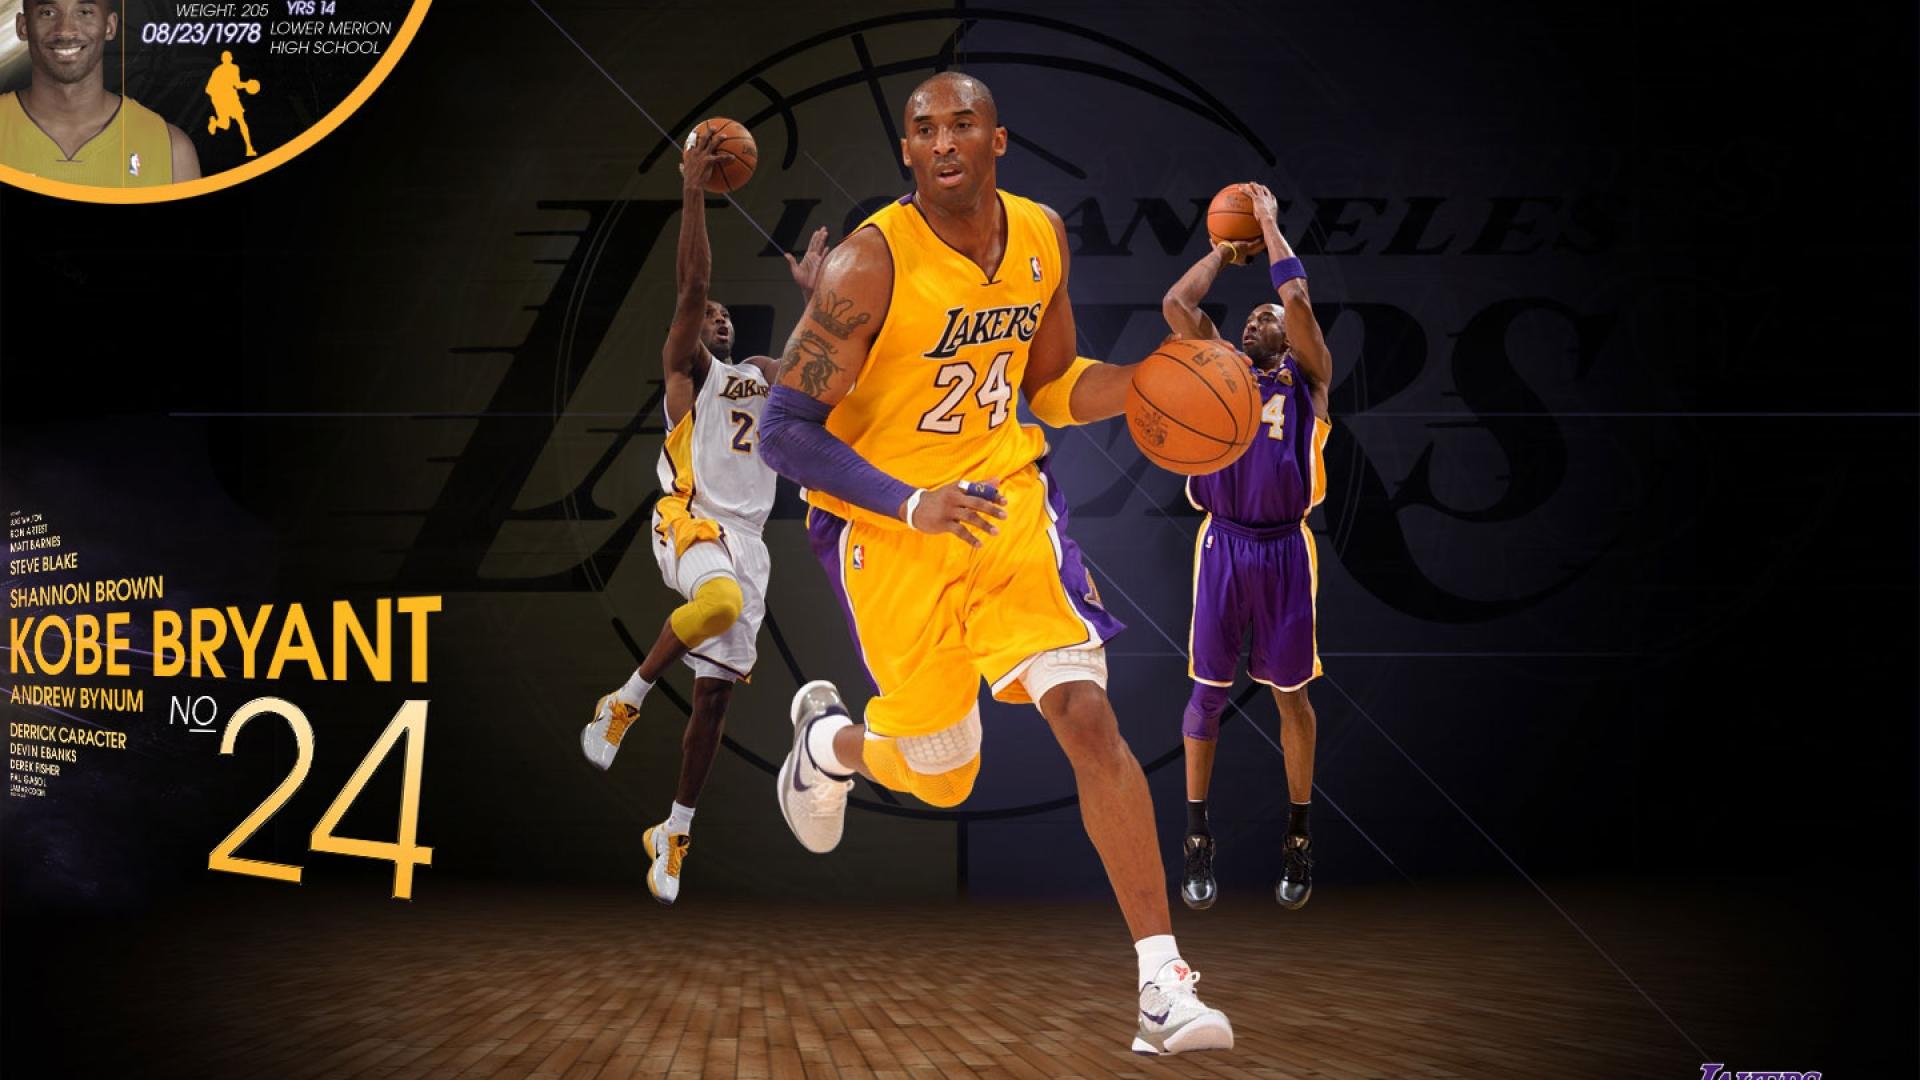 Kobe Bryant Wallpaper Hd Kobe Bryant Lakers 2012 Wallpaper Hd Wallpapers